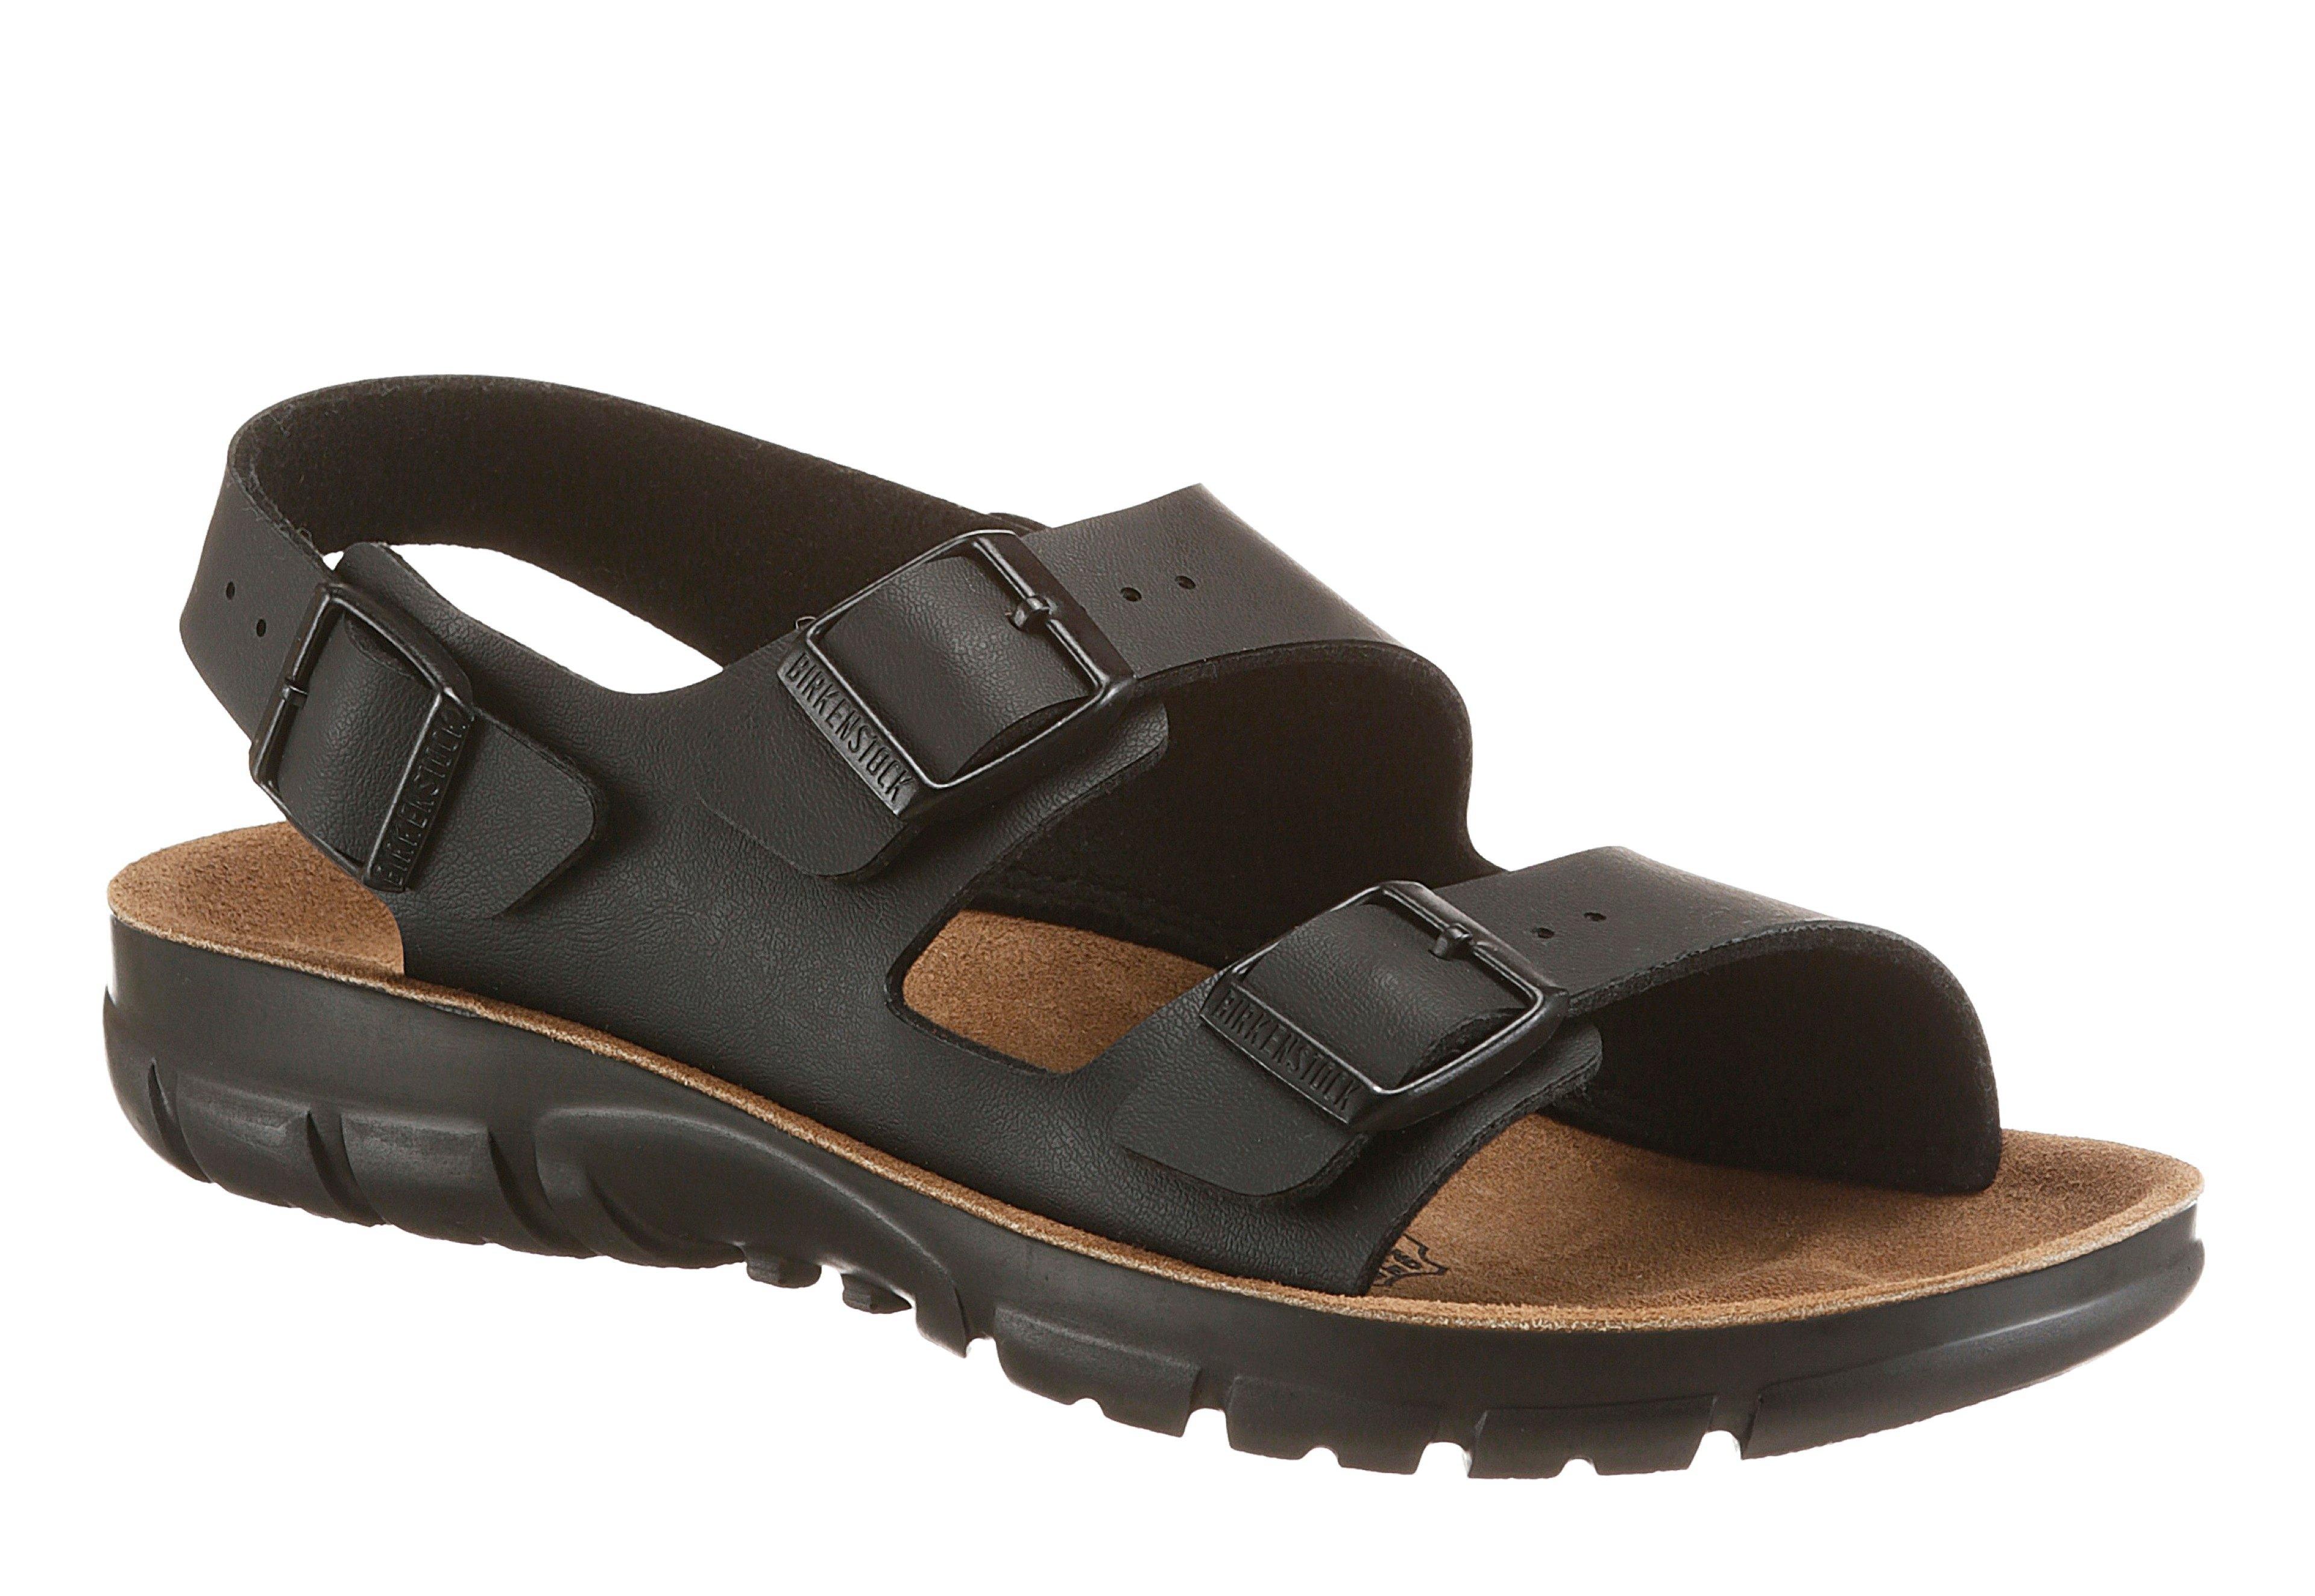 da8e6c0c2c4083 BIRKENSTOCK sandalen »KANO« makkelijk gekocht